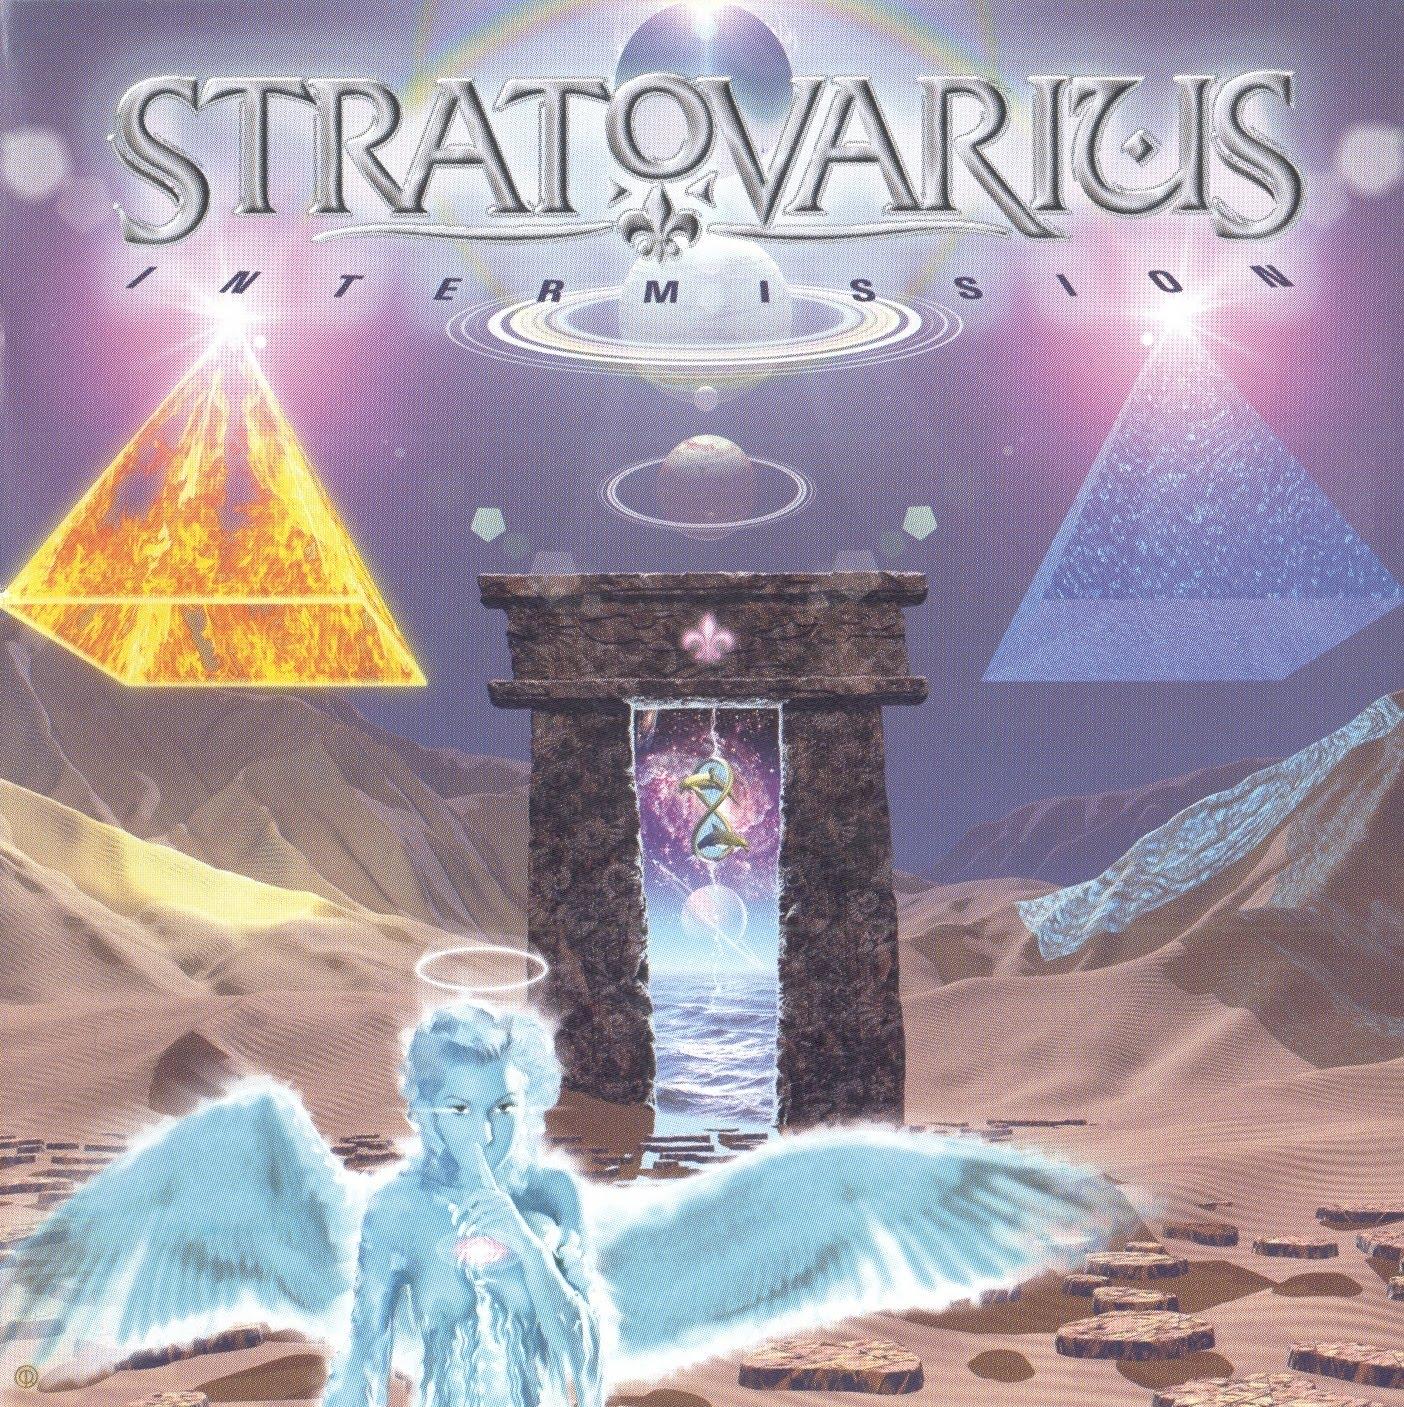 Stratovarius — Intermission (2001)